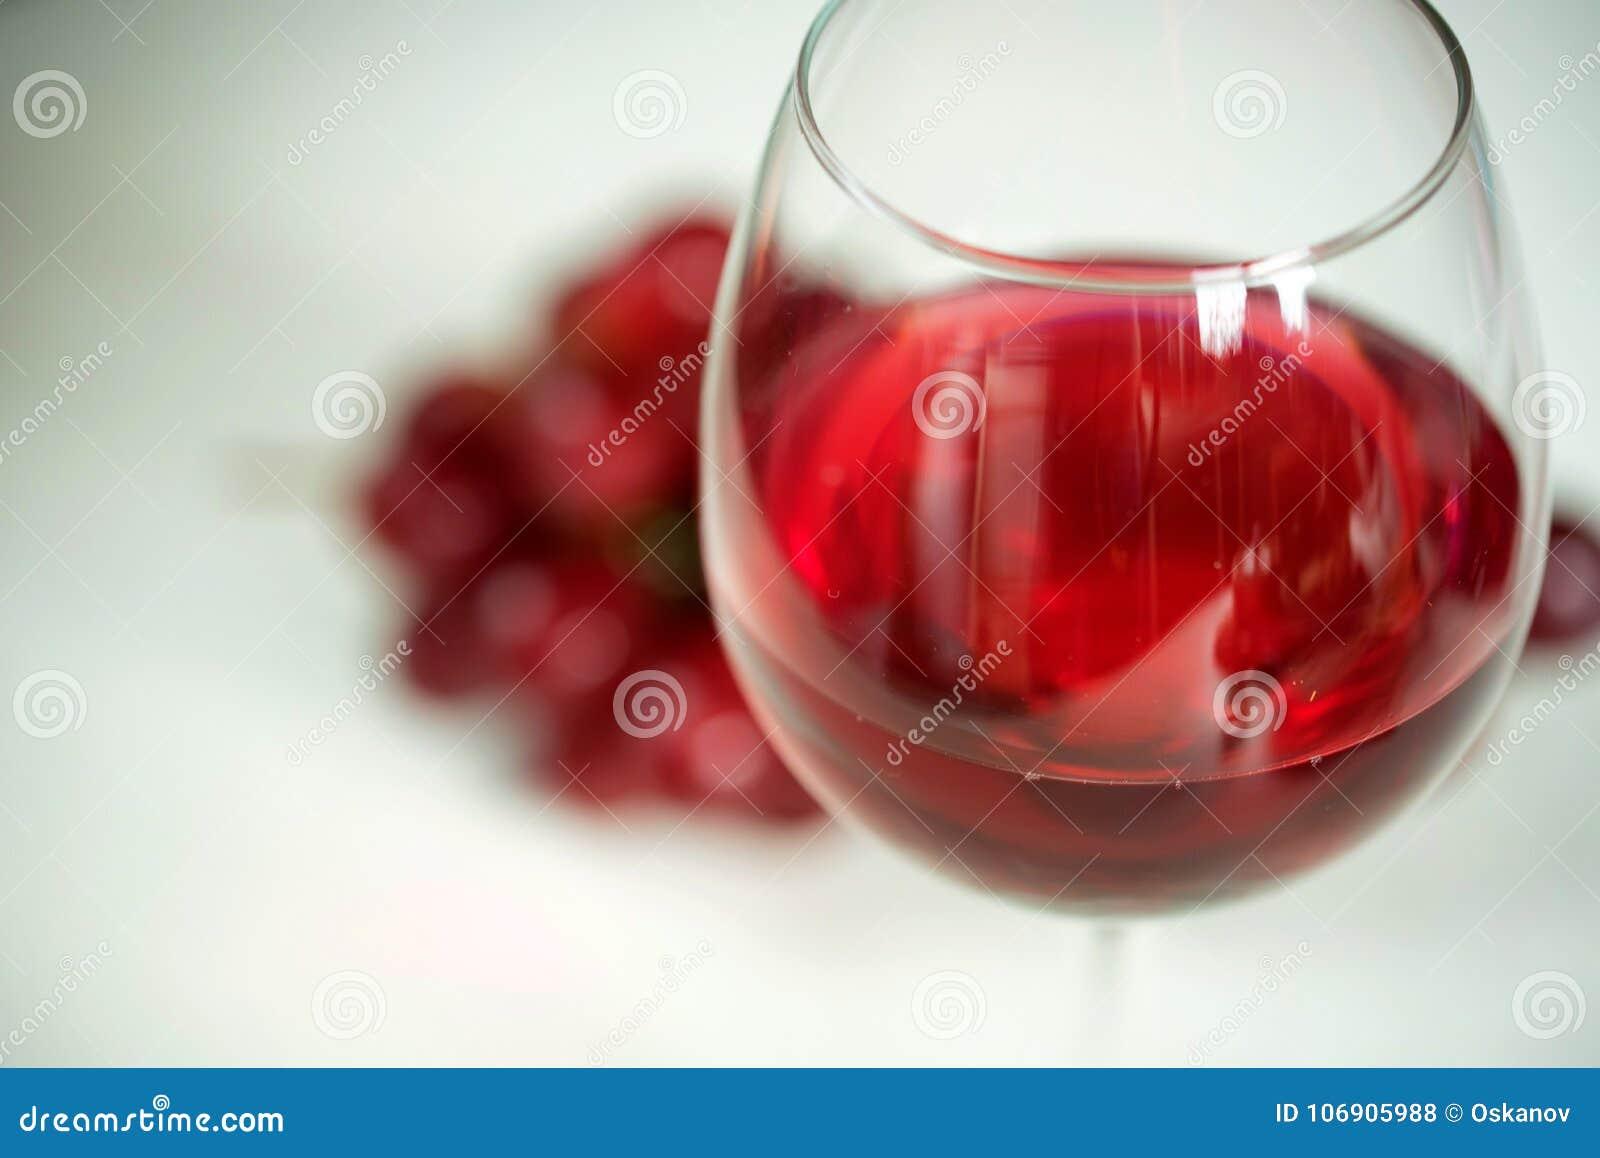 Zakończenie czerwone wino i szkło przeciw winogronu